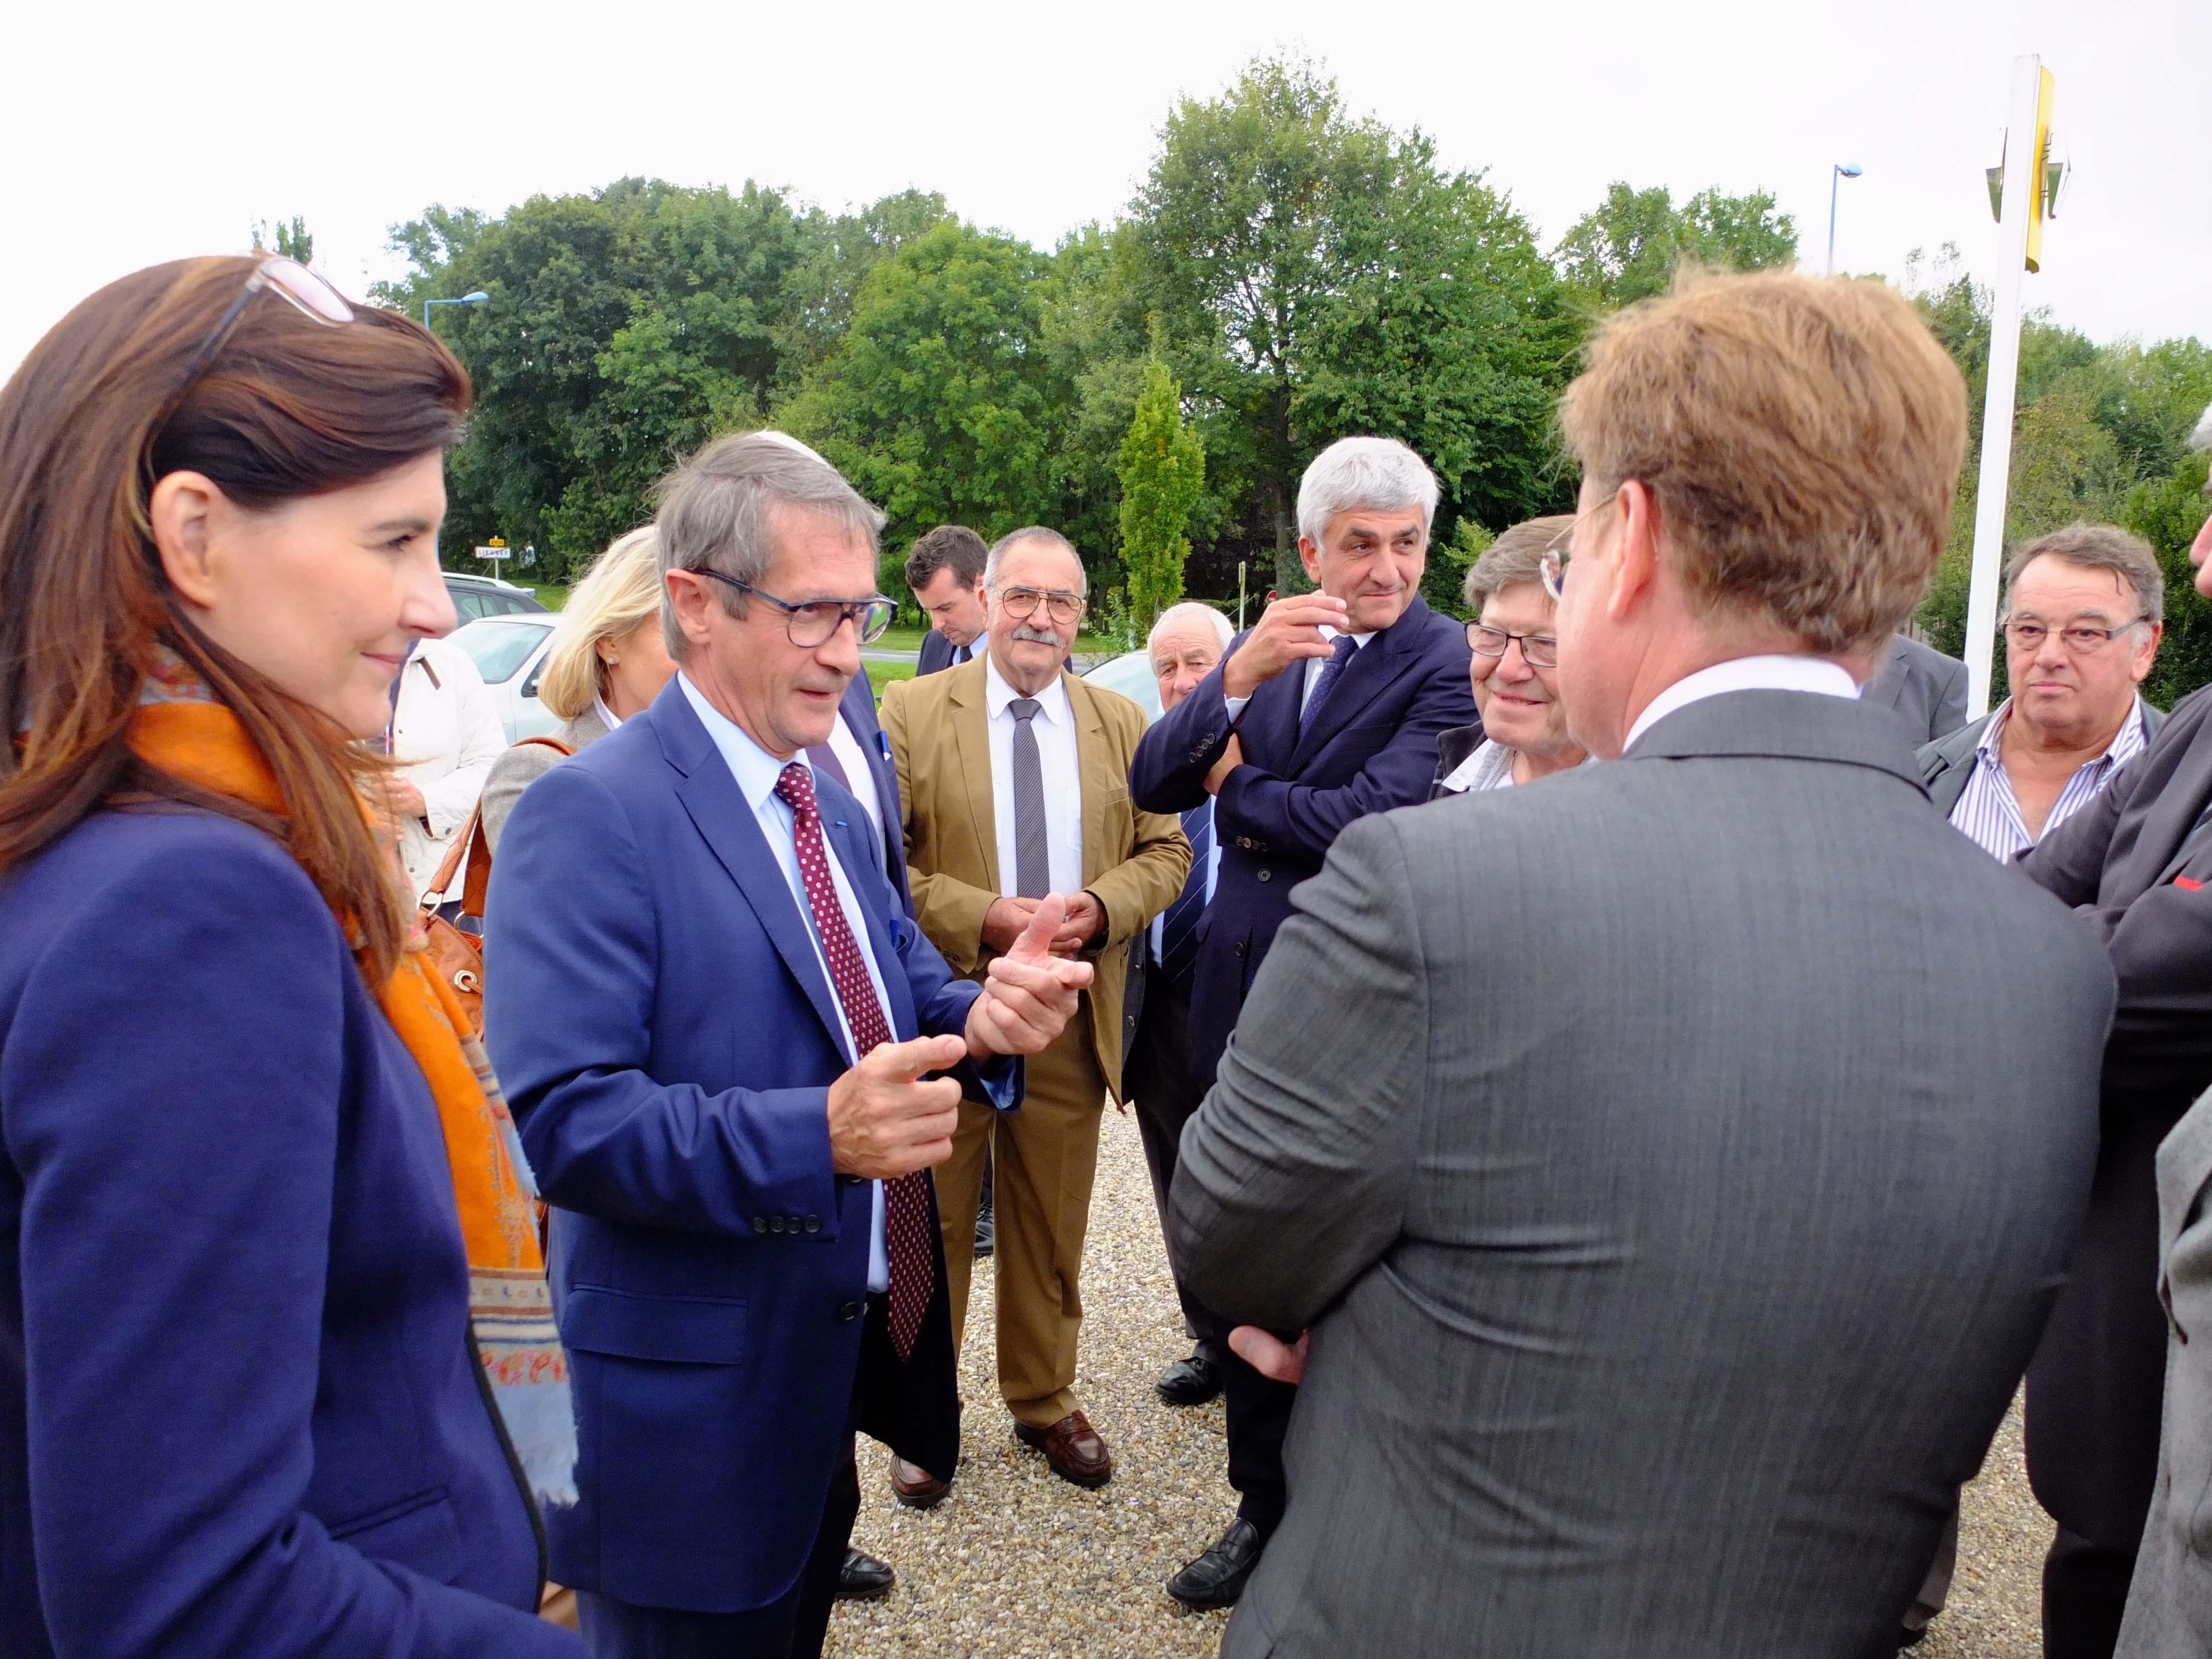 Les officiels lors de la visite inaugurale vendredi (Photo@DR)